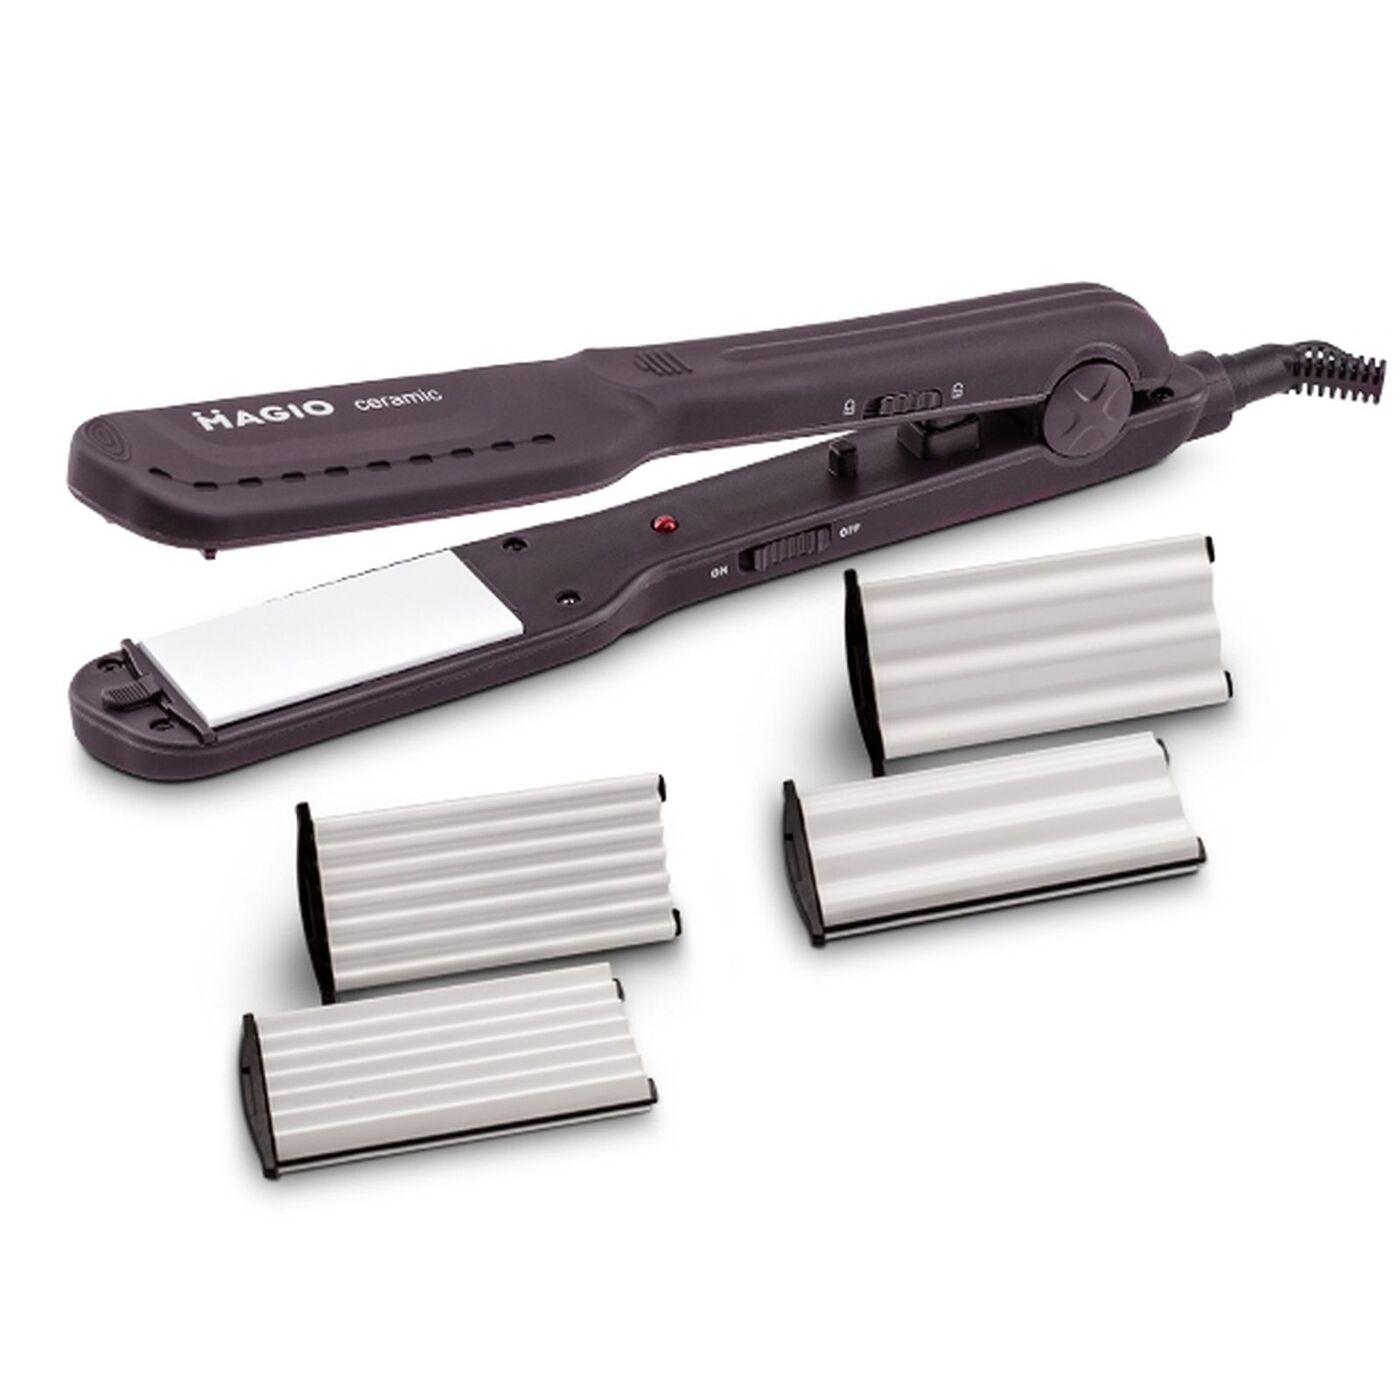 Выпрямитель-гофре для волос Magio MG-722